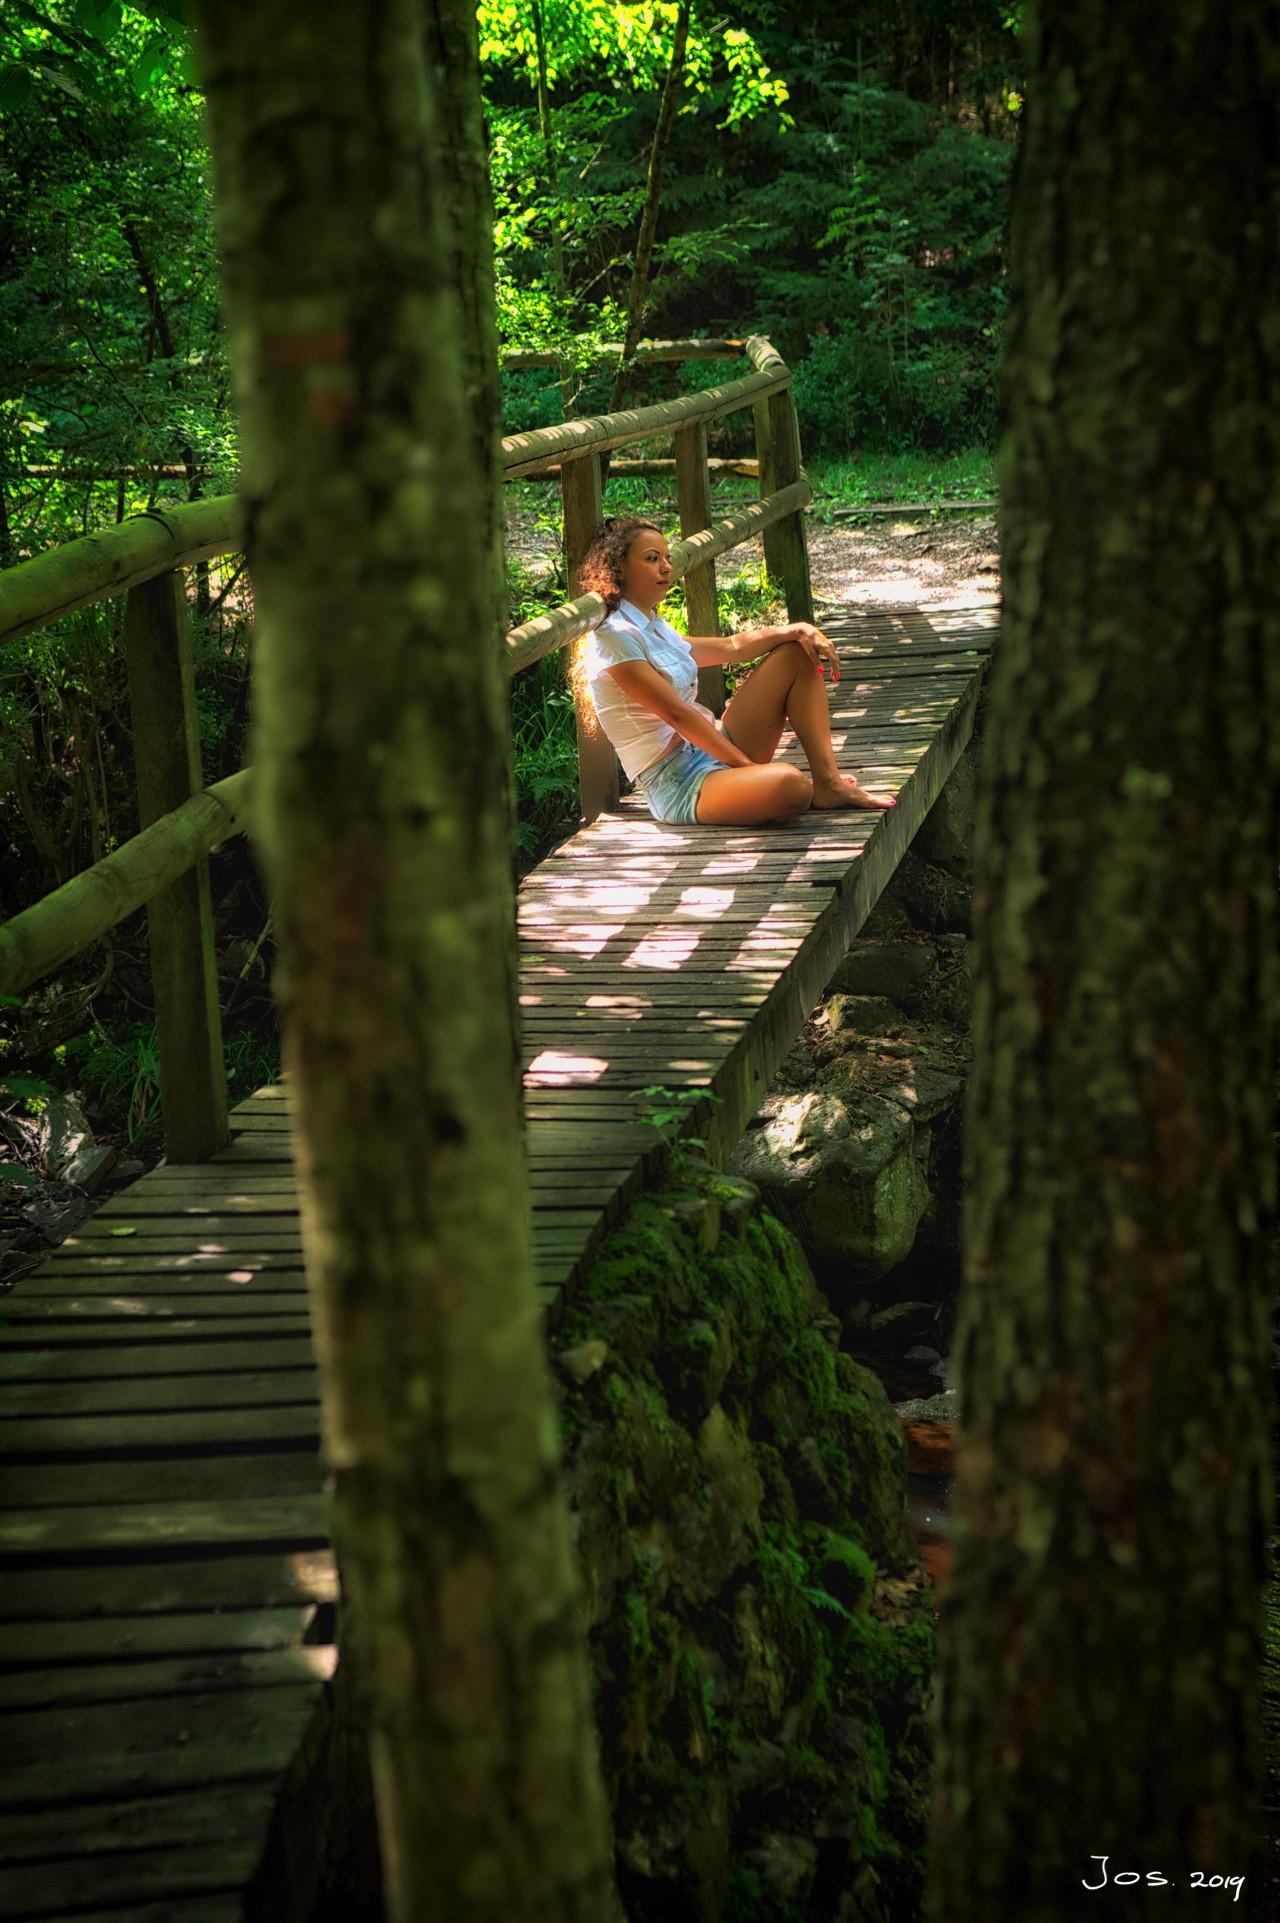 Aprende sobre composiciones en fotografía señora en puentes árboles por Jos Joosten